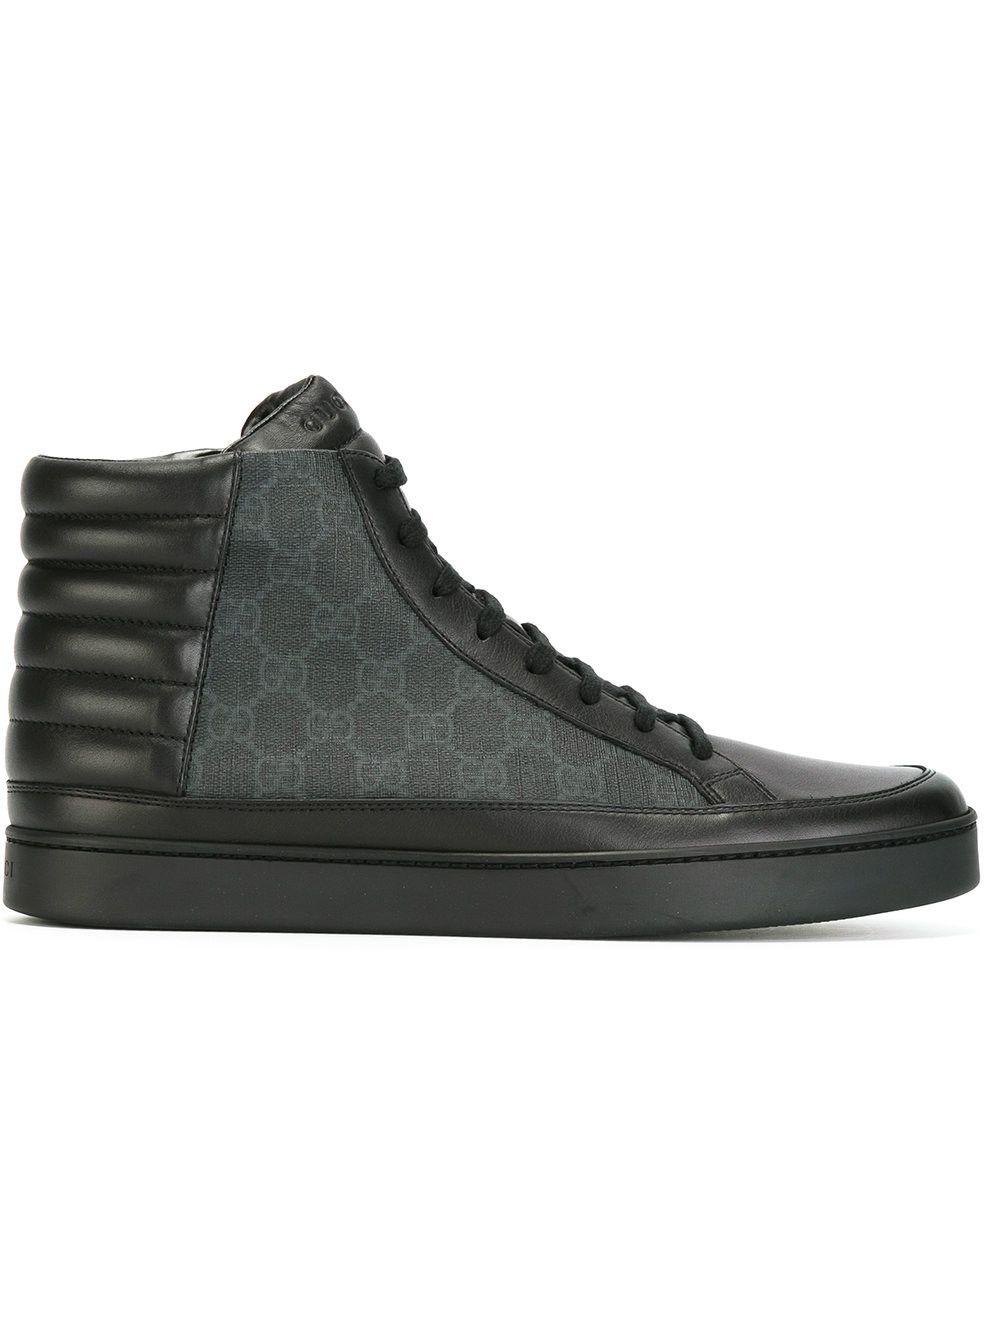 gucci shoes black and white. gucci gg supreme hi-top sneakers. #gucci #shoes # gucci shoes black and white m